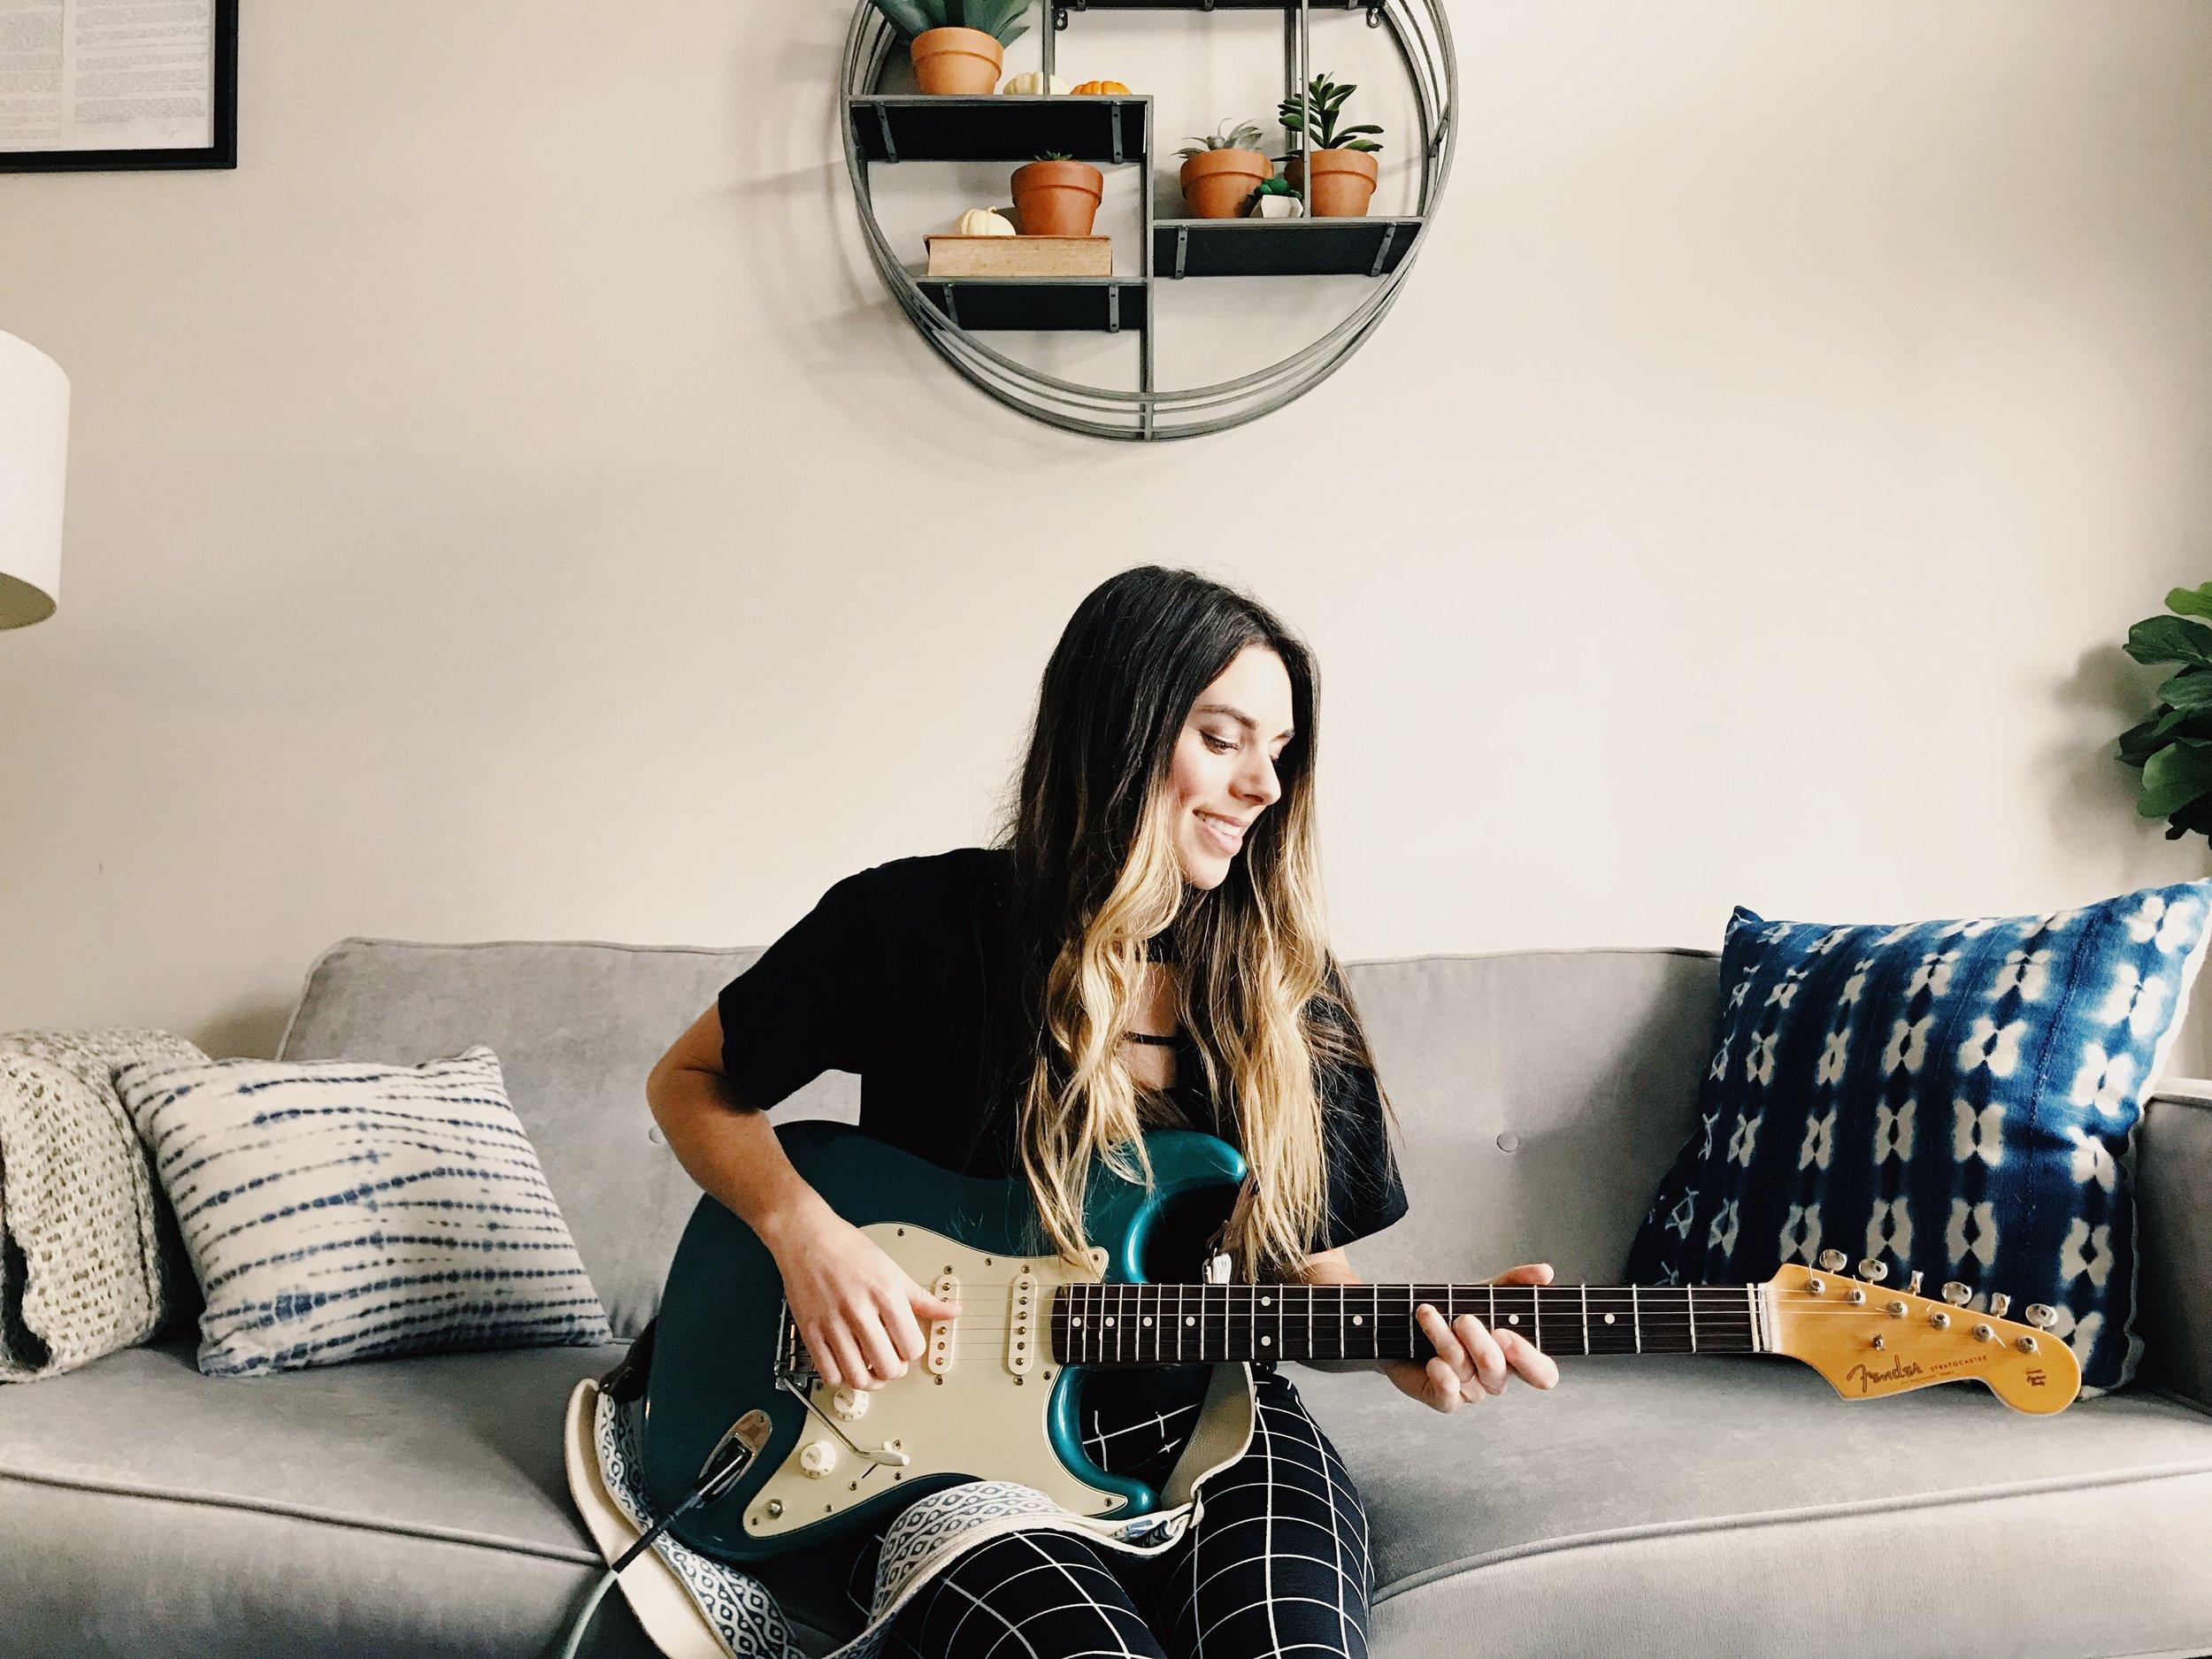 guitar practice planner